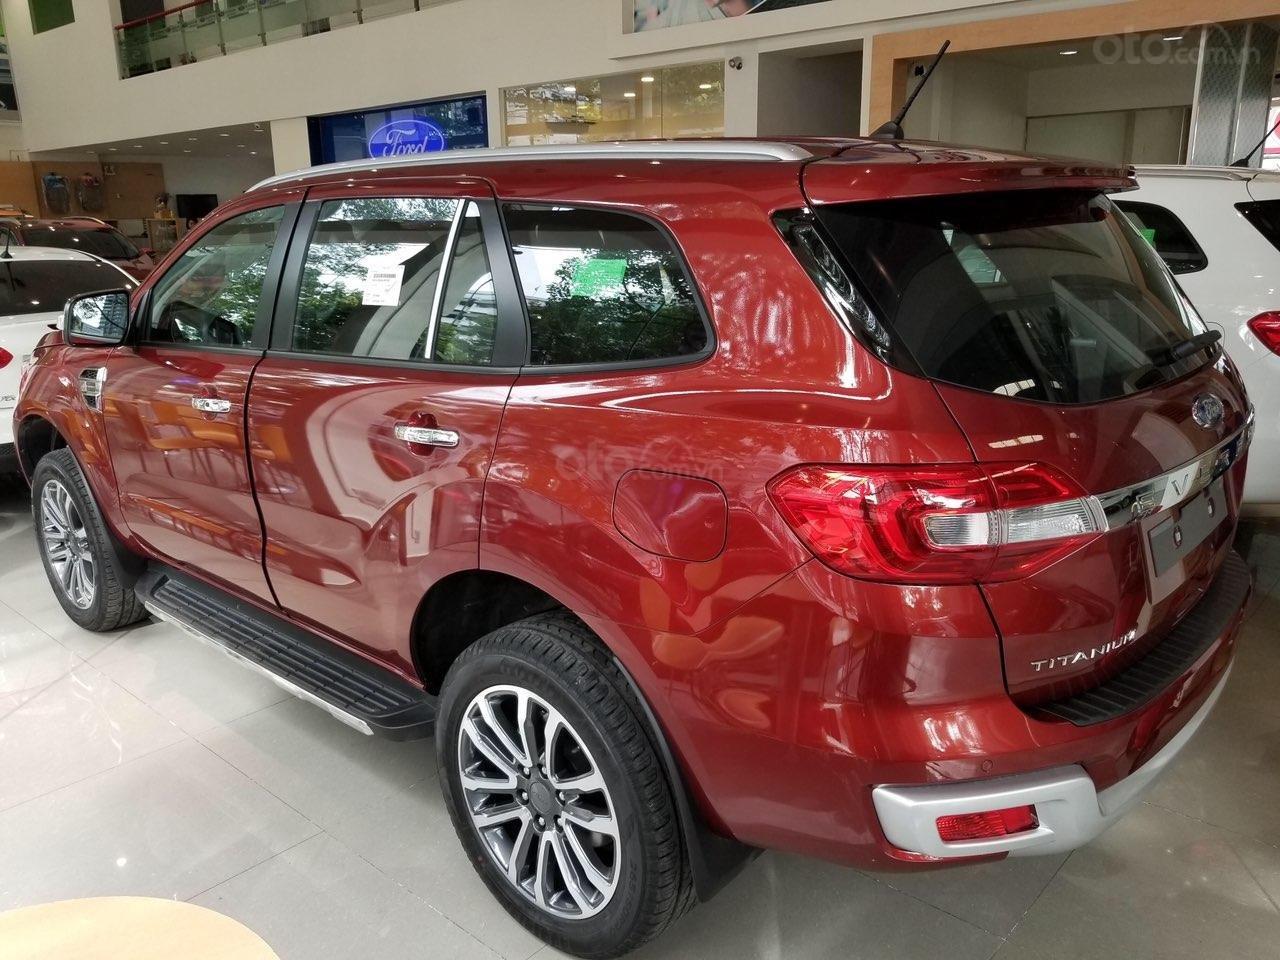 Ford Everest Ambiente và Titanium 2019, màu đỏ, nhập khẩu, giá nát để lấy doanh số, tặng kèm phụ kiện và hỗ trợ lệ phí-5